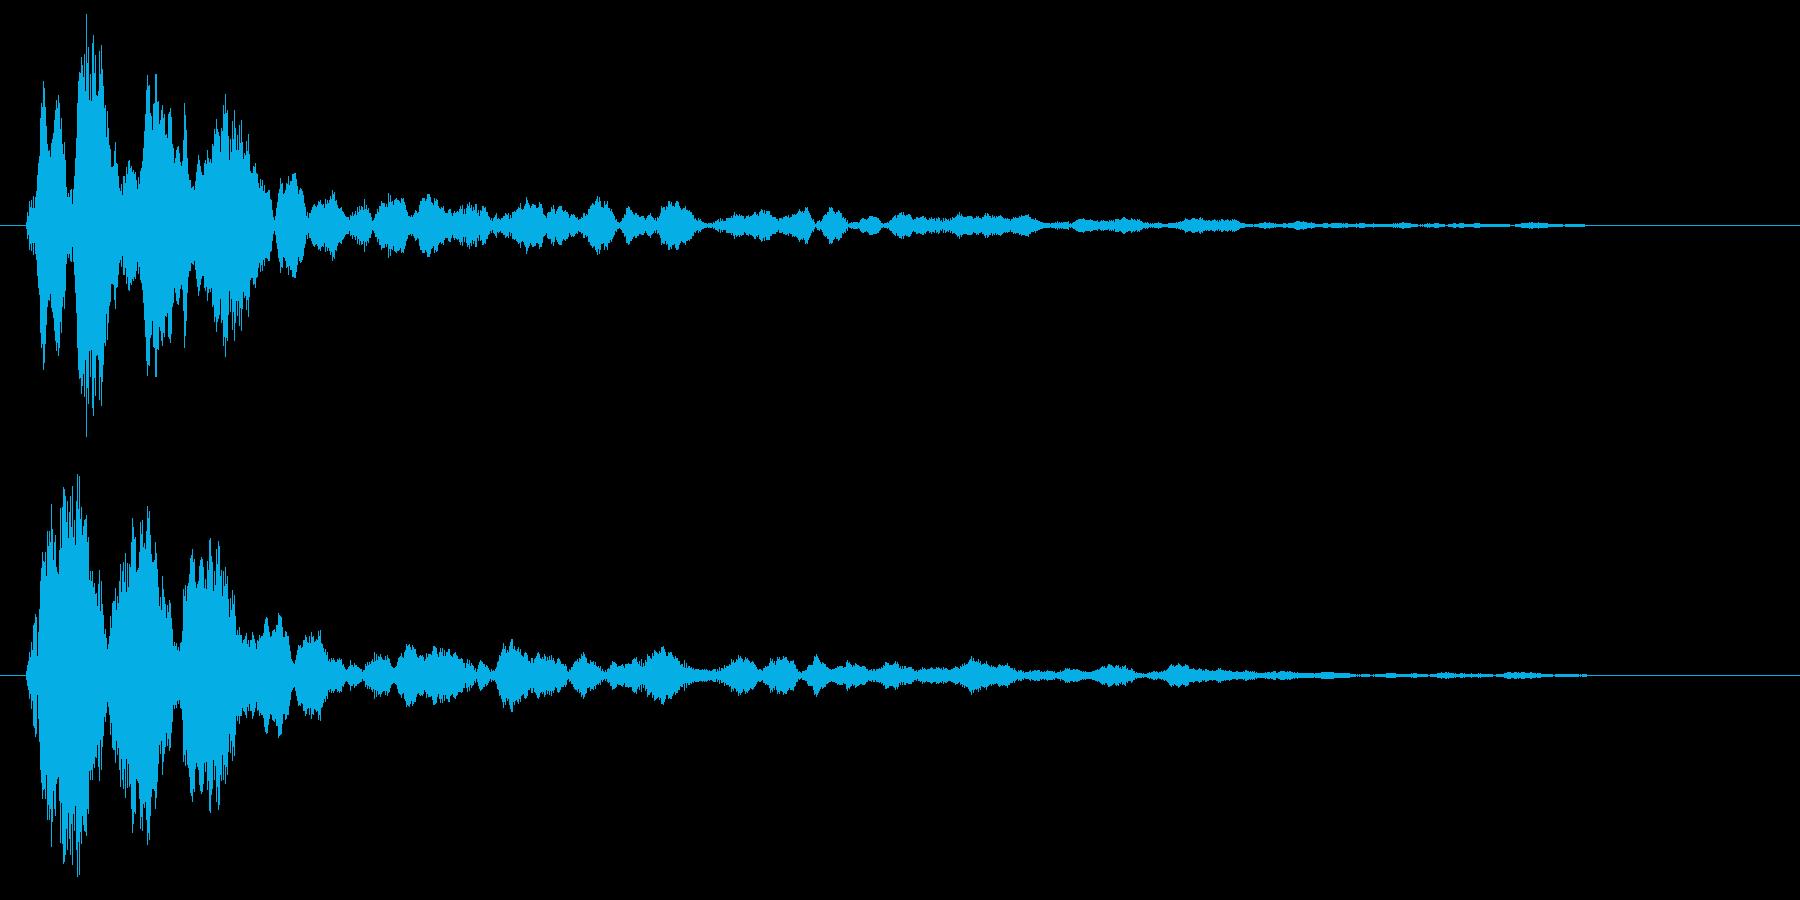 キーン(透明感のある軽い効果音)の再生済みの波形